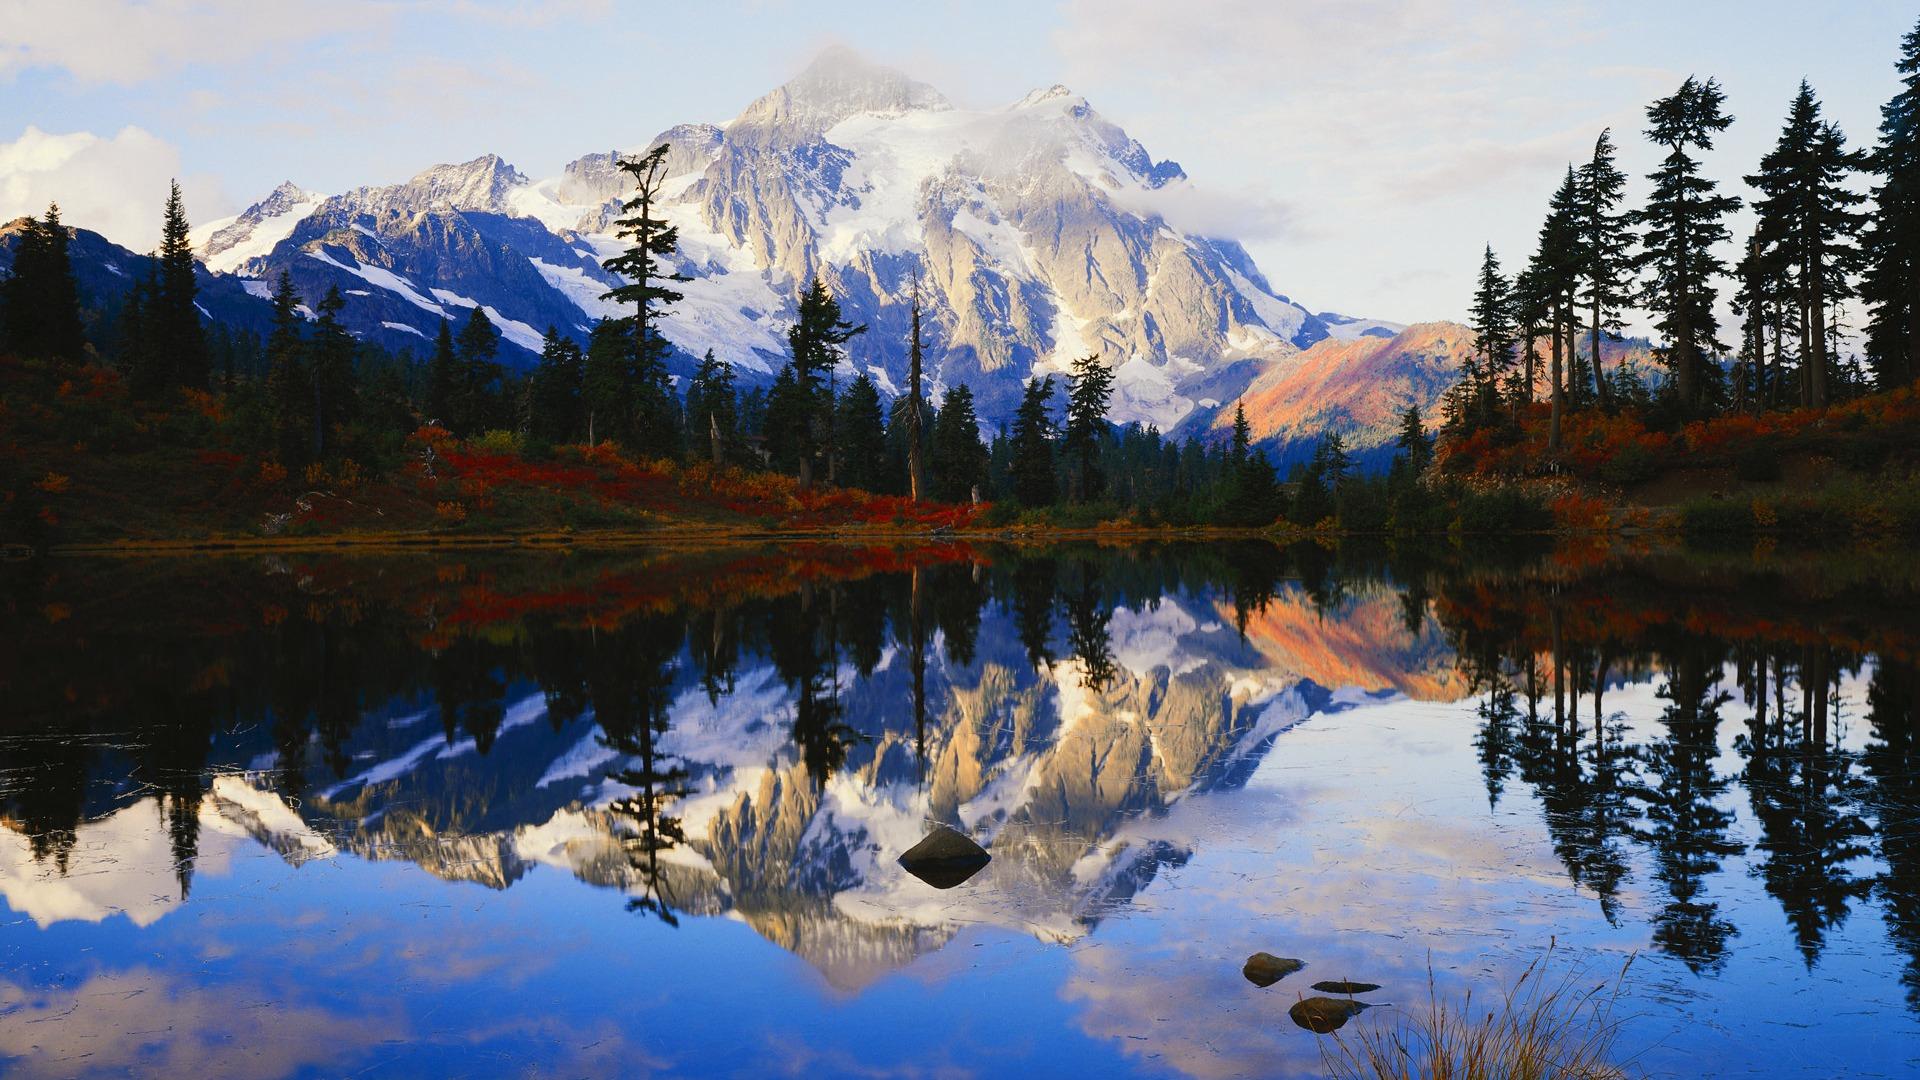 mountain lake wallpaper 1920x1080 - photo #42